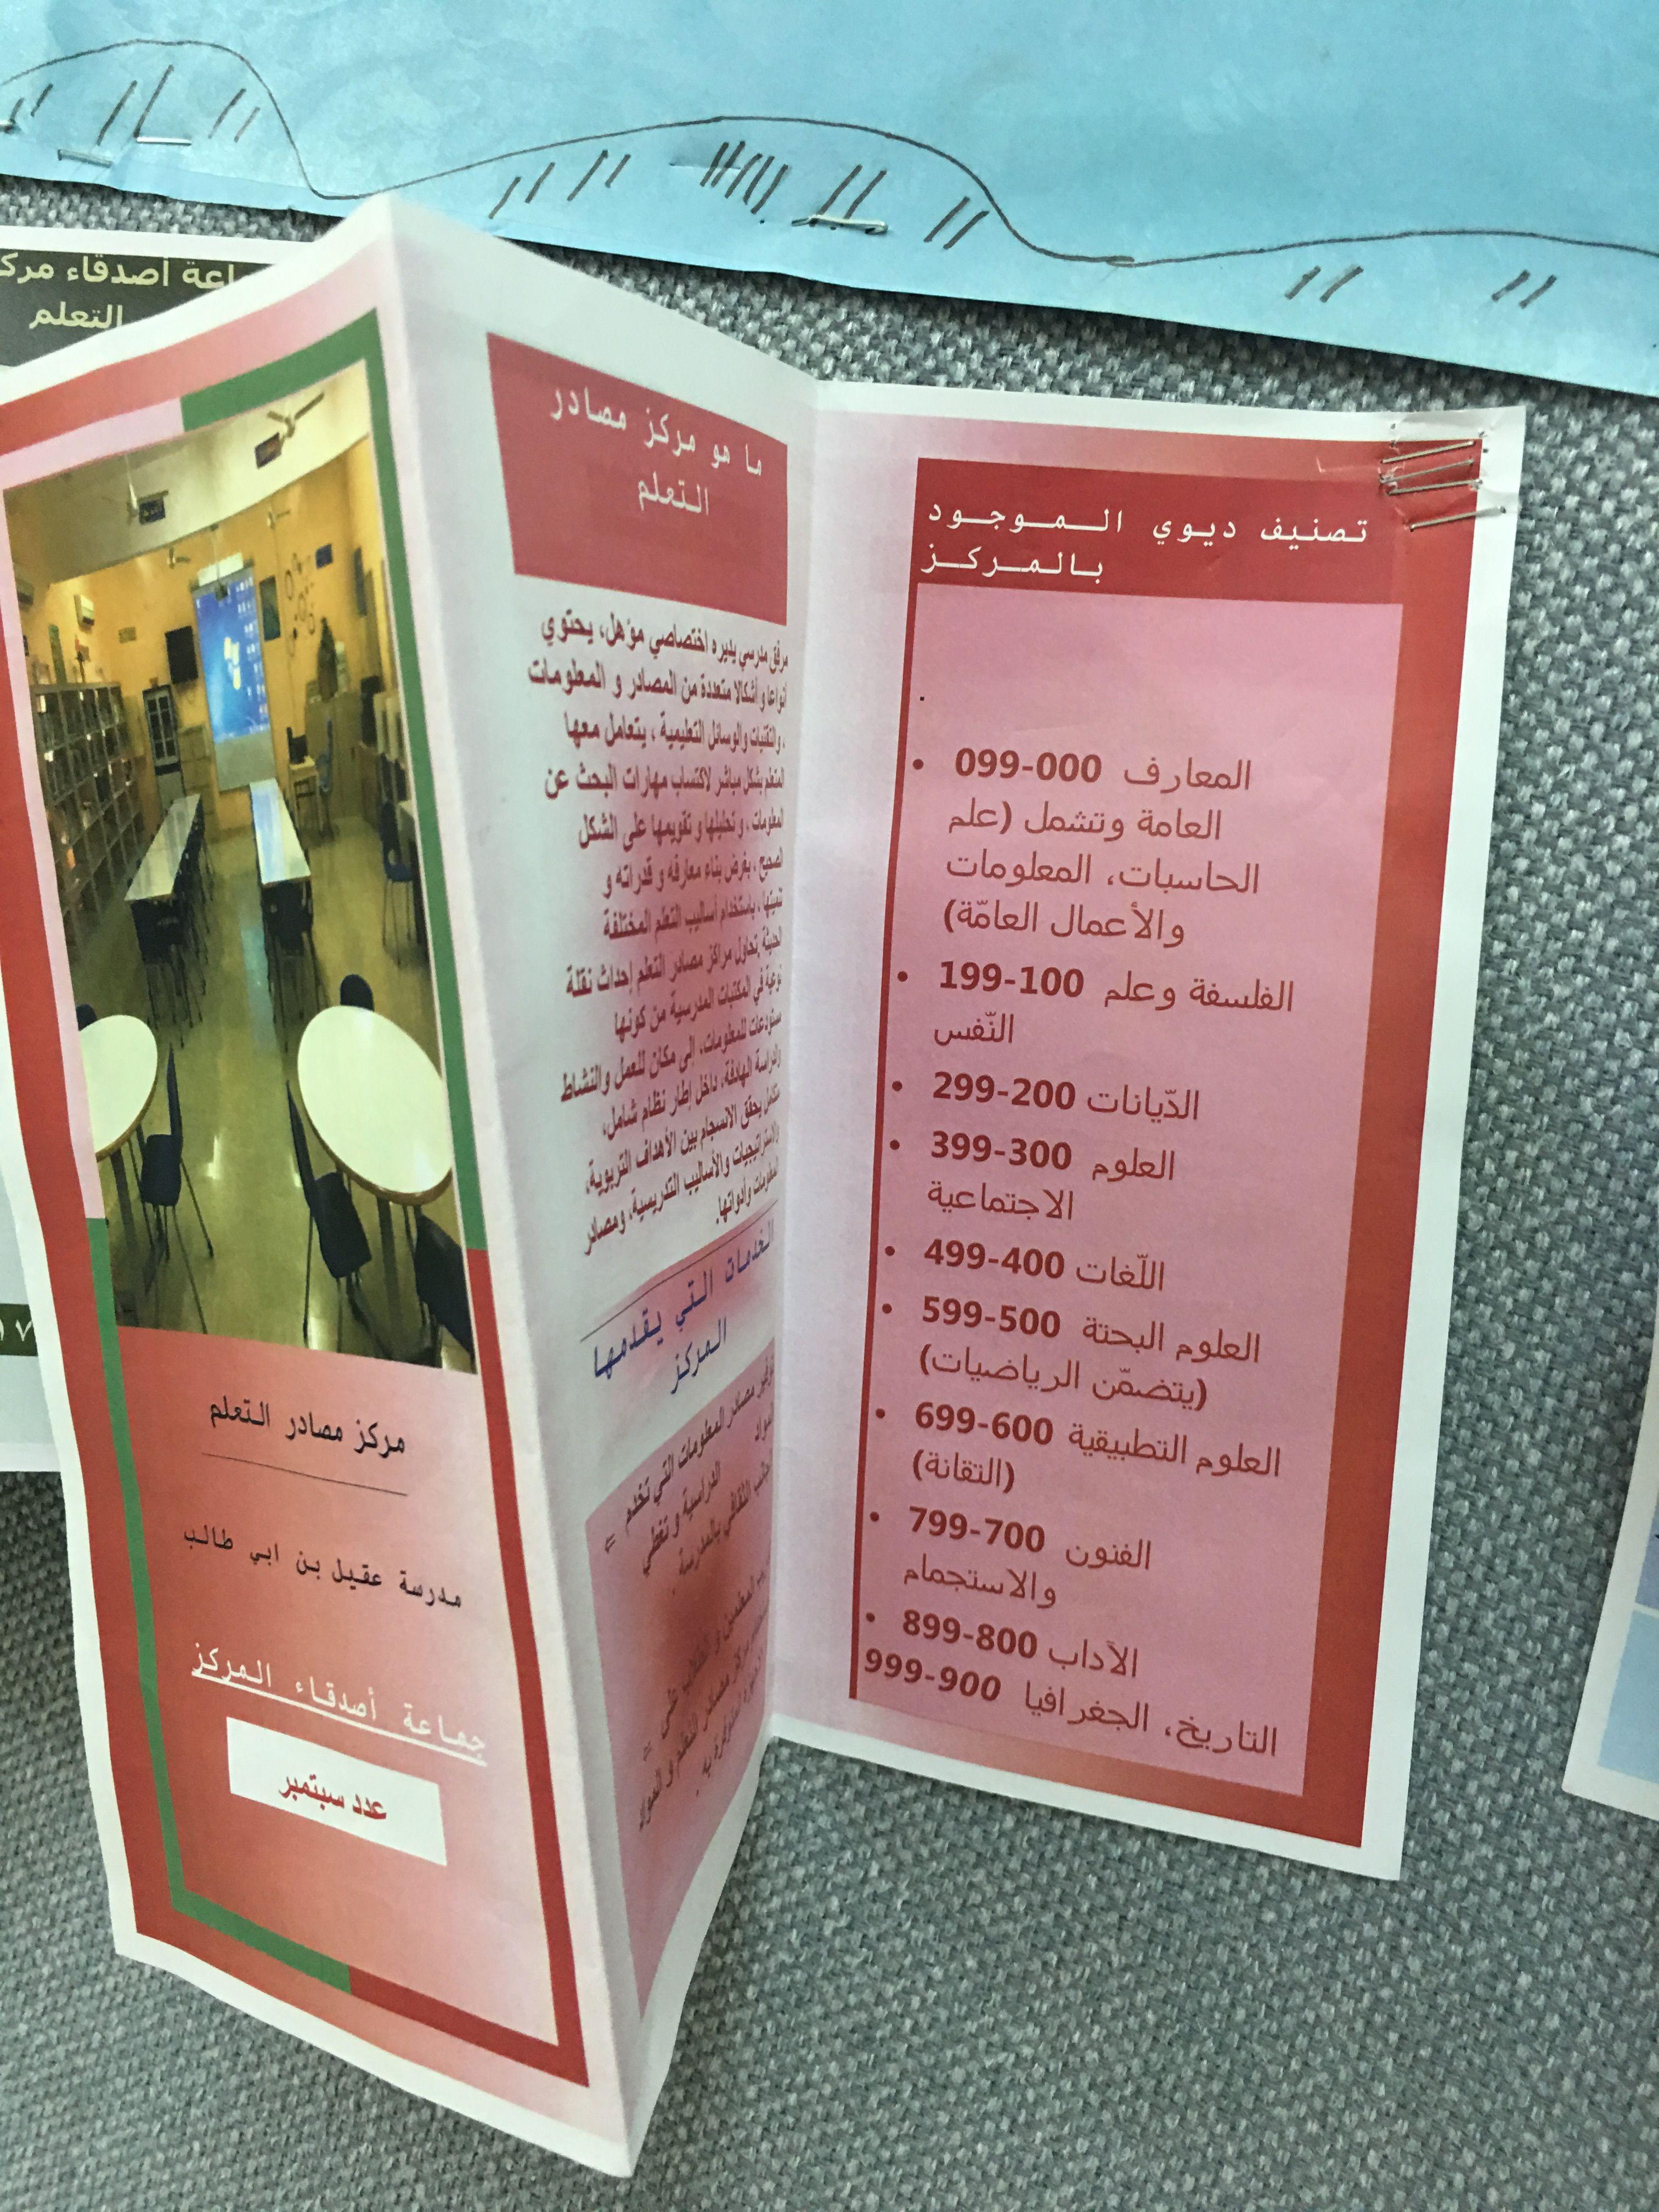 مطوية بمركز مصادر التعلم بمدرسة عقيل بن أبي طالب Book Cover Education Event